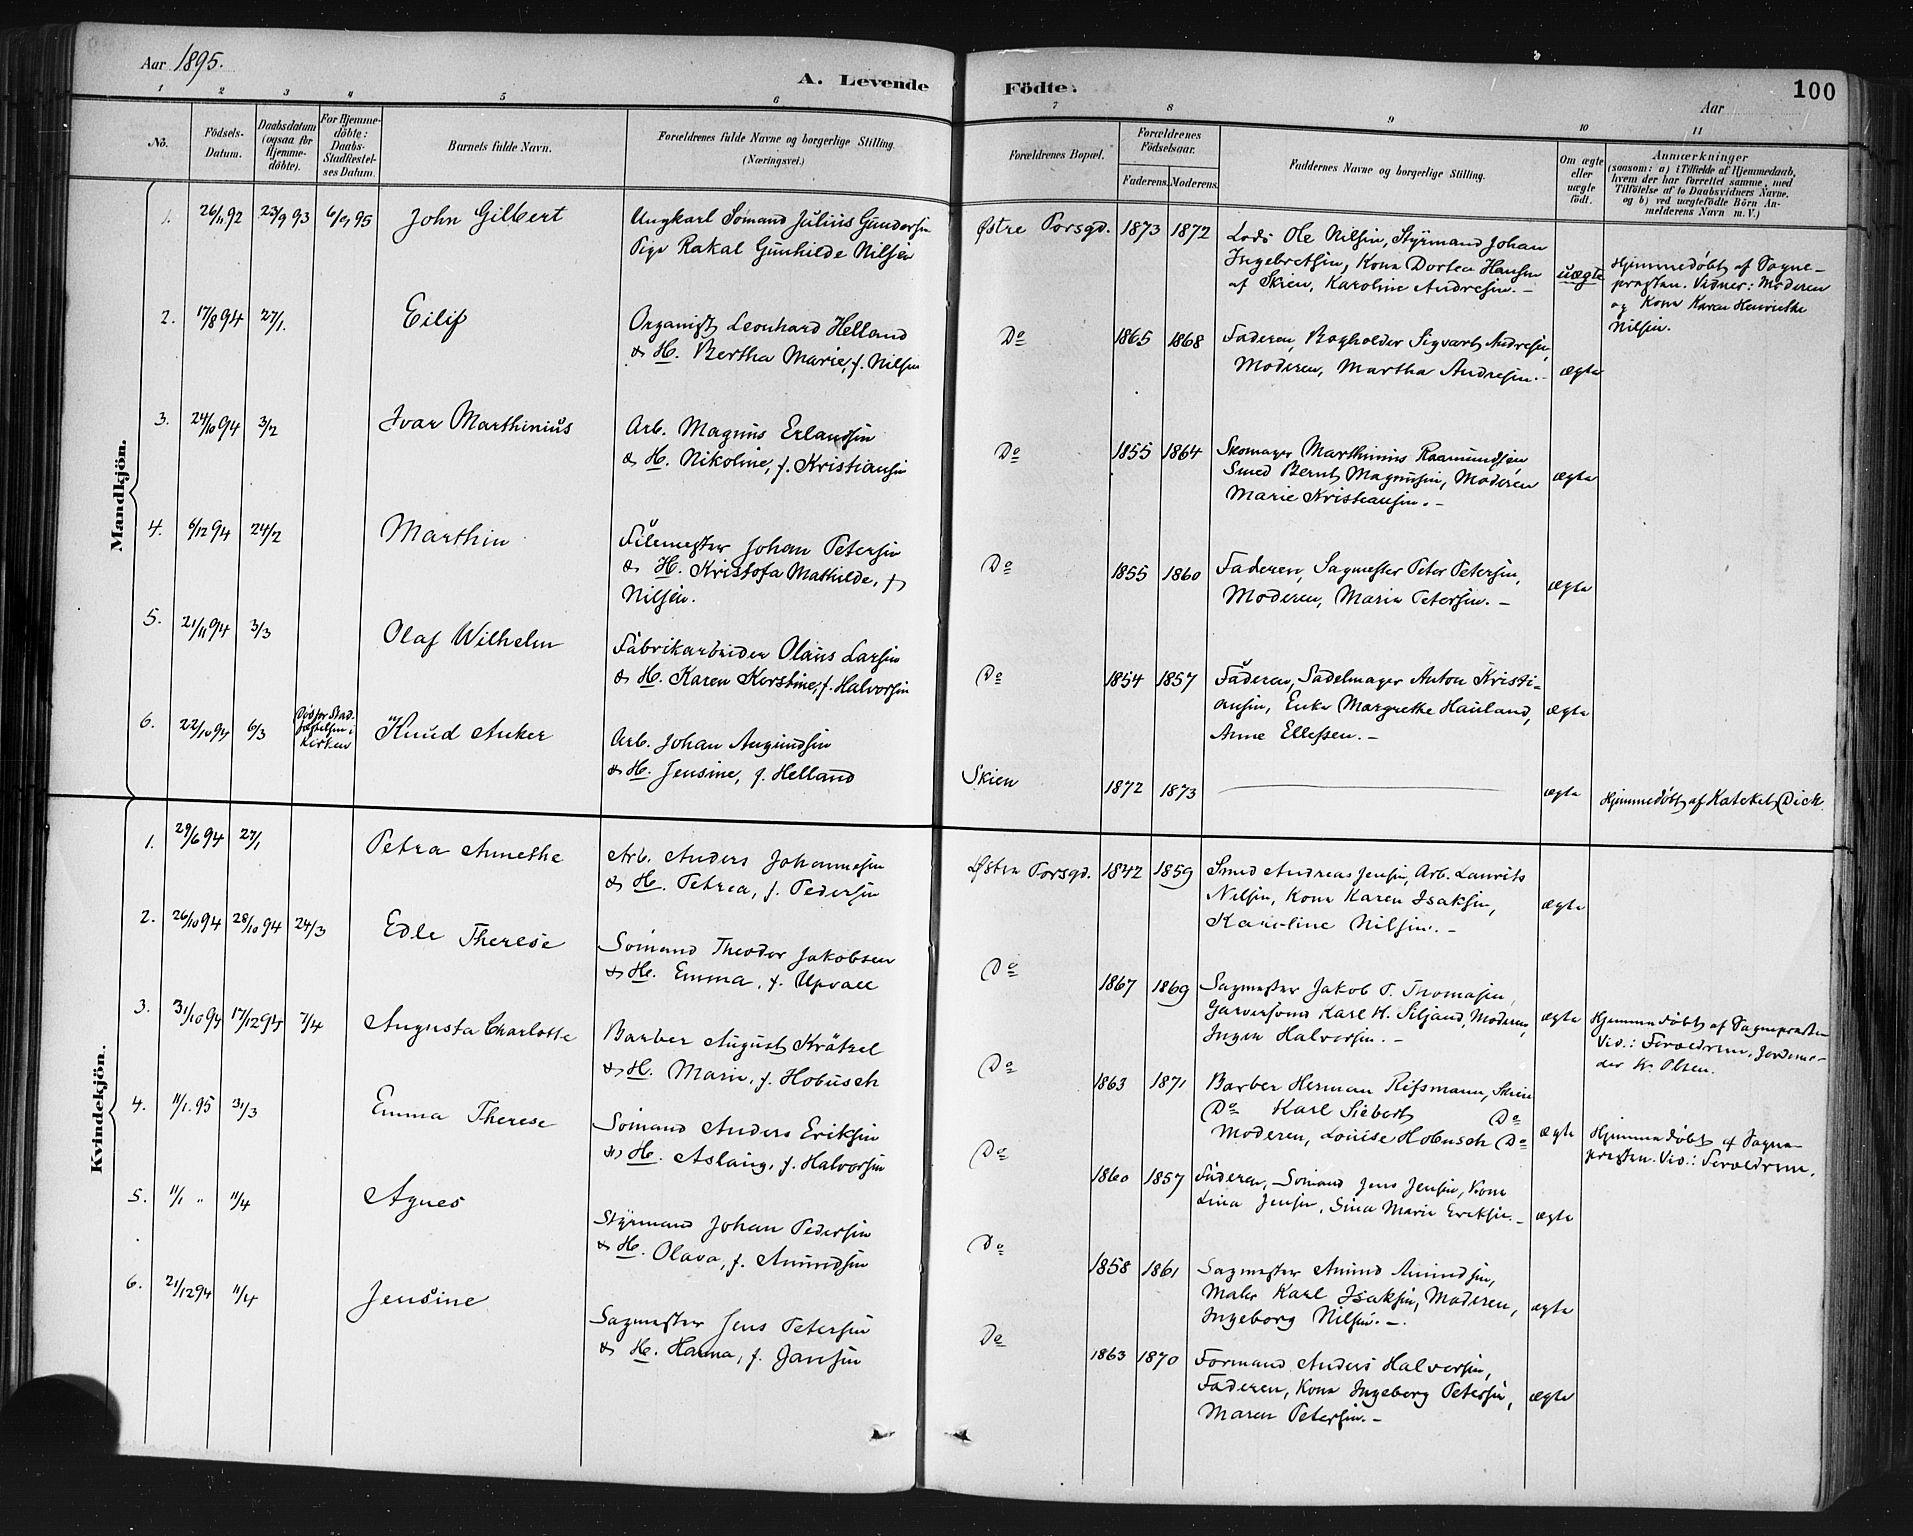 SAKO, Porsgrunn kirkebøker , G/Gb/L0005: Klokkerbok nr. II 5, 1883-1915, s. 100